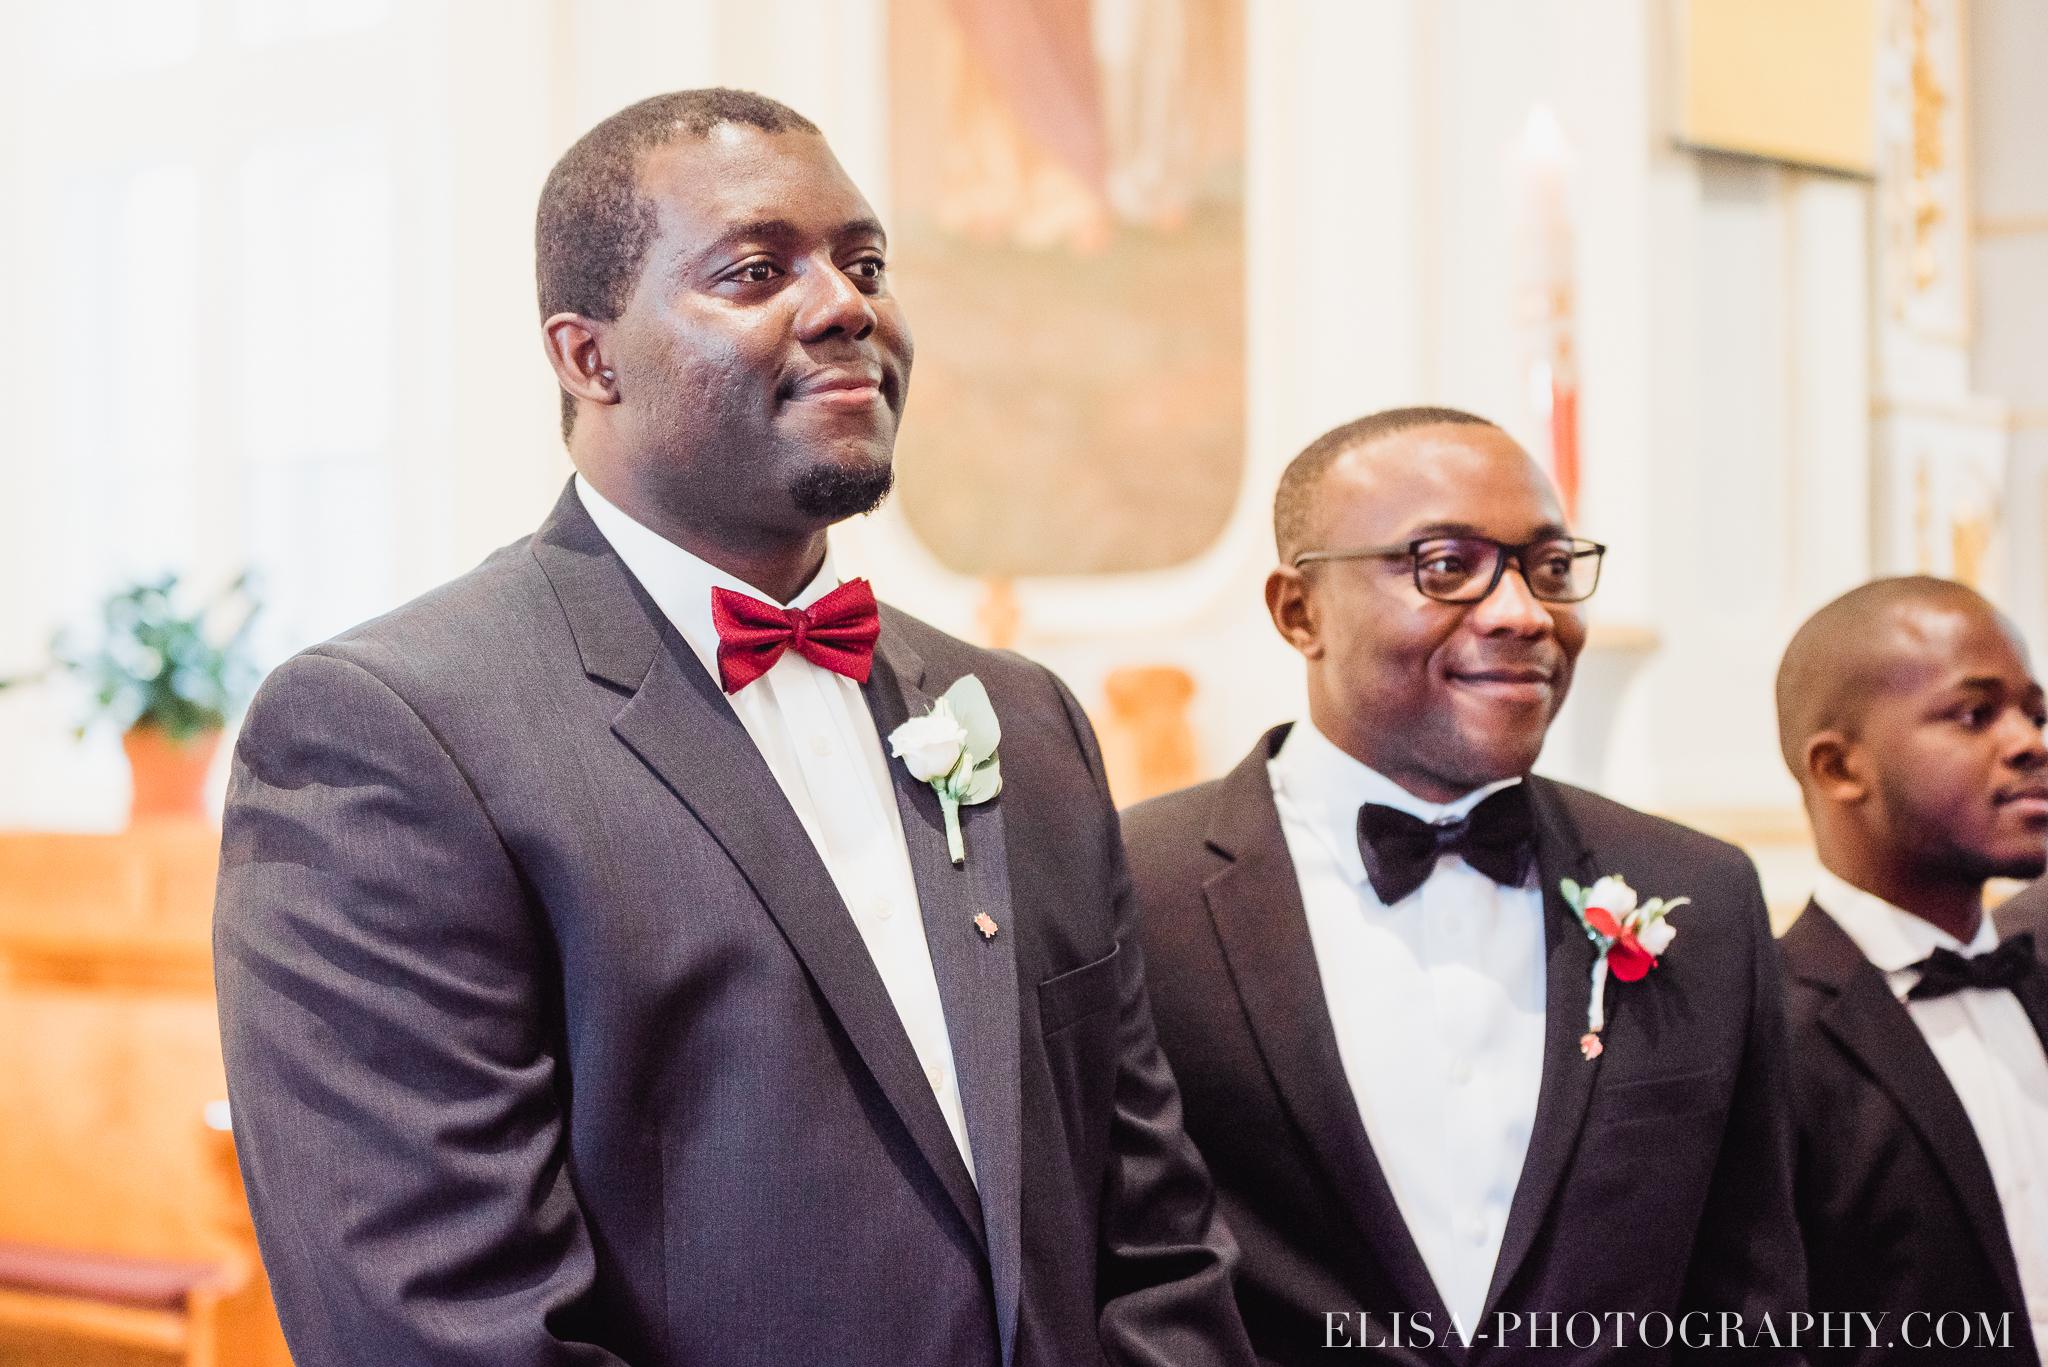 photo mariage ville quebec automne ceremonie eglise de cap rouge 7359 - Mariage au Golf de Cap-Rouge, ville de Québec: Stéphanie & William